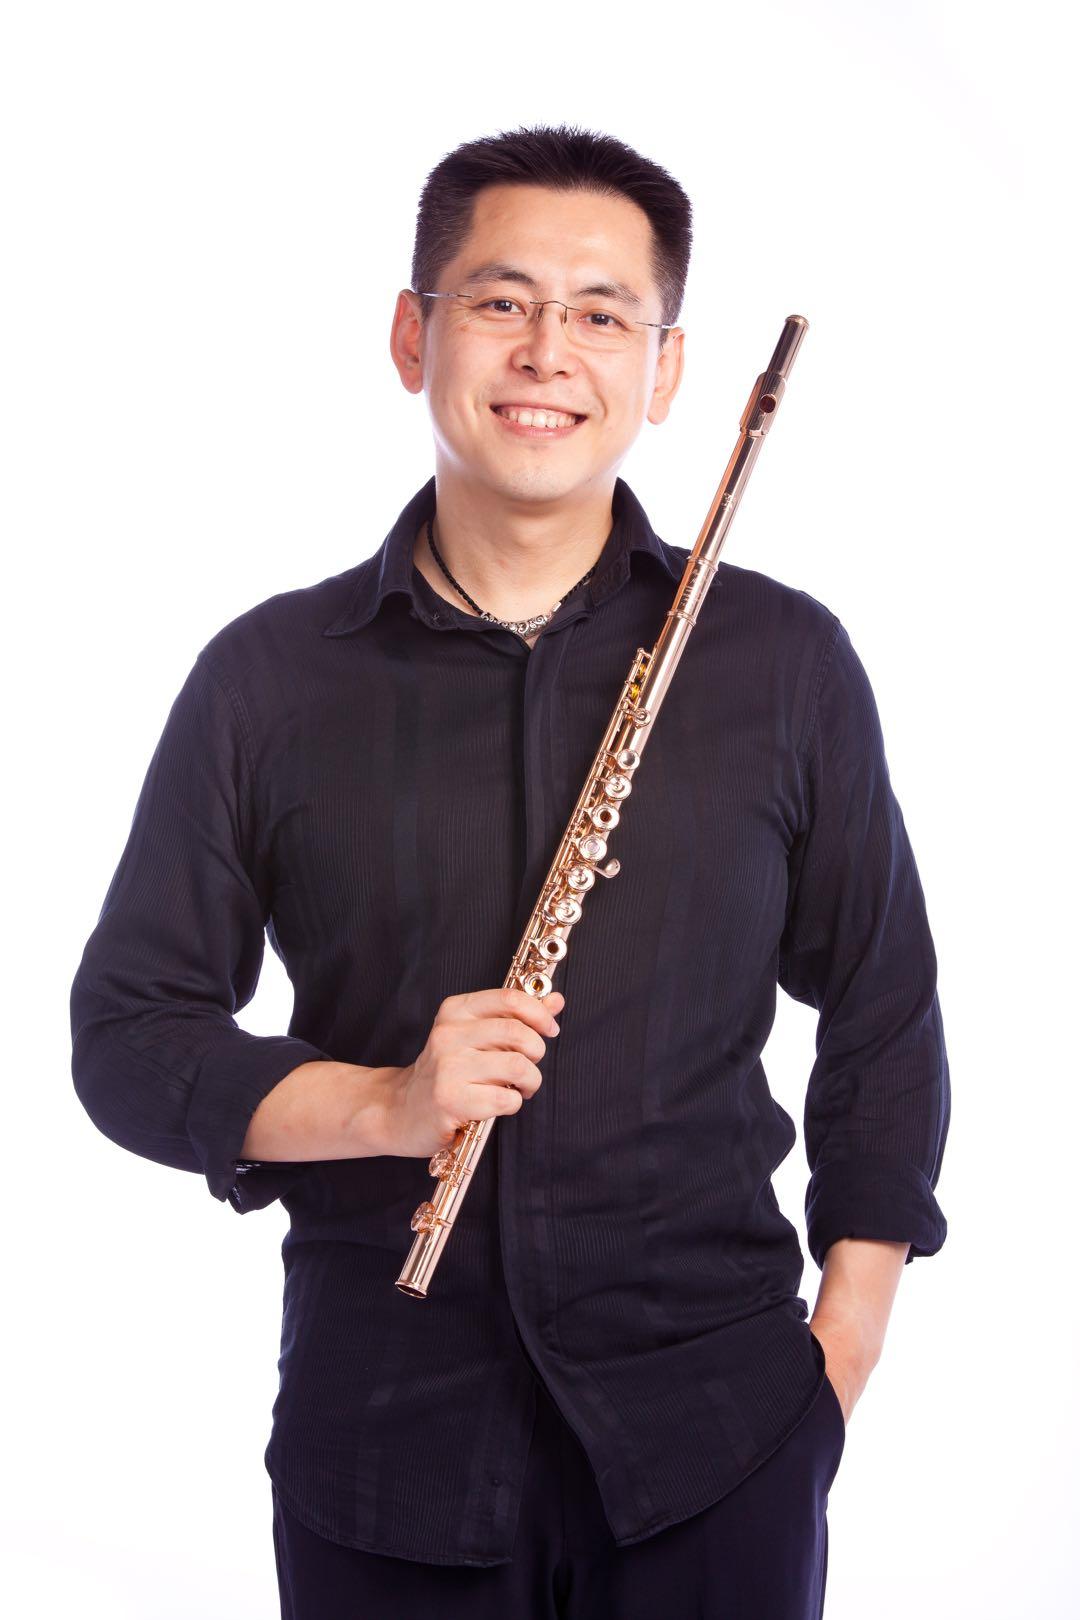 来自三位顶级长笛演奏家同台献技 这场音乐盛宴怎能错过